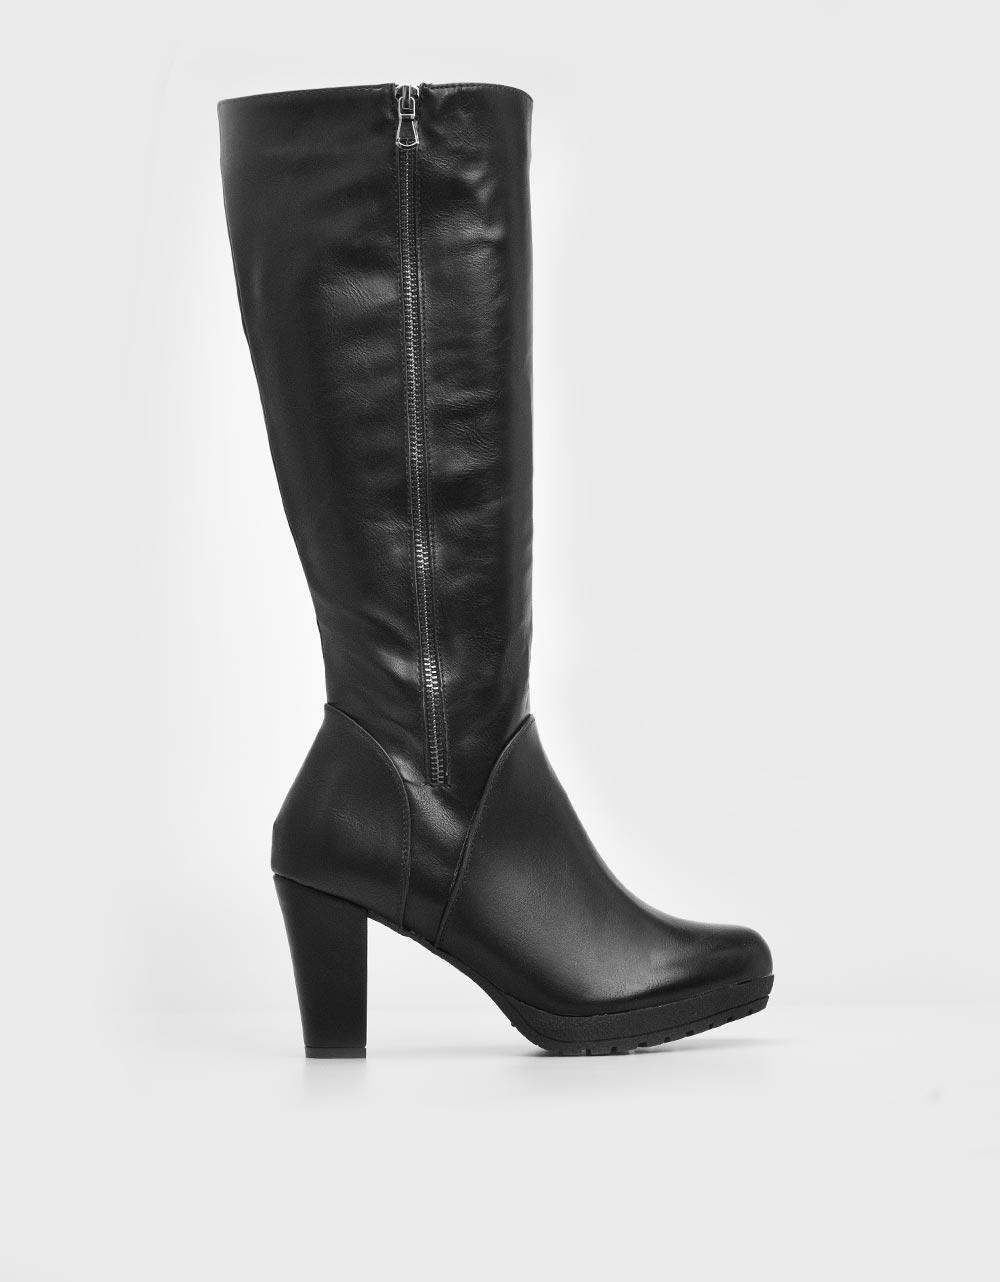 Εικόνα από Γυναικείες μπότες ψιλoτάκουνες με φιάπα Μαύρο